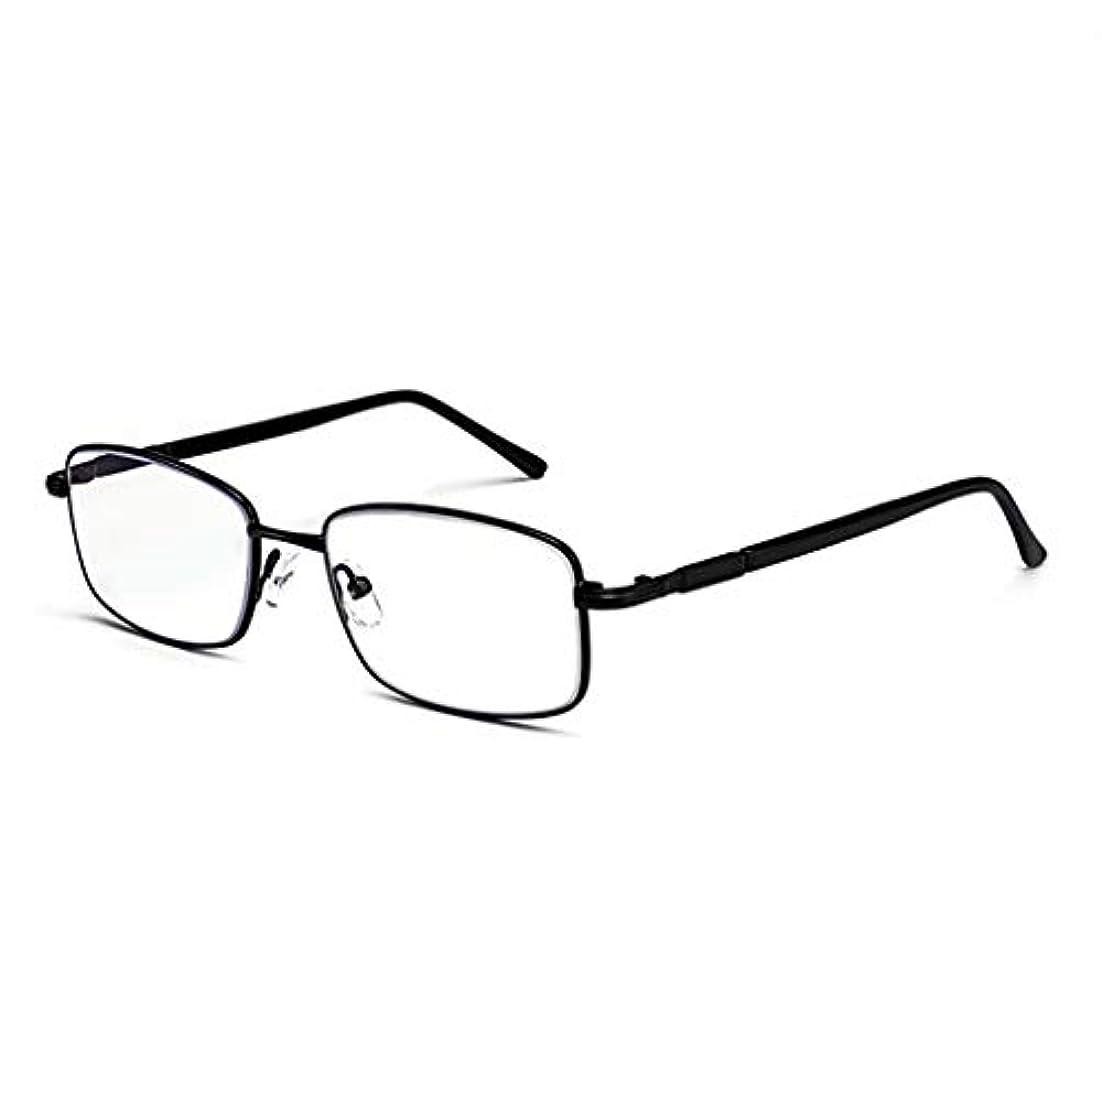 風邪をひく水平高架HDインテリジェント自動ズームデュアルユース老眼鏡、快適な着用、強力な耐衝撃性、高解像度ビジョン、有害な青色光の遮断、ユニセックス。